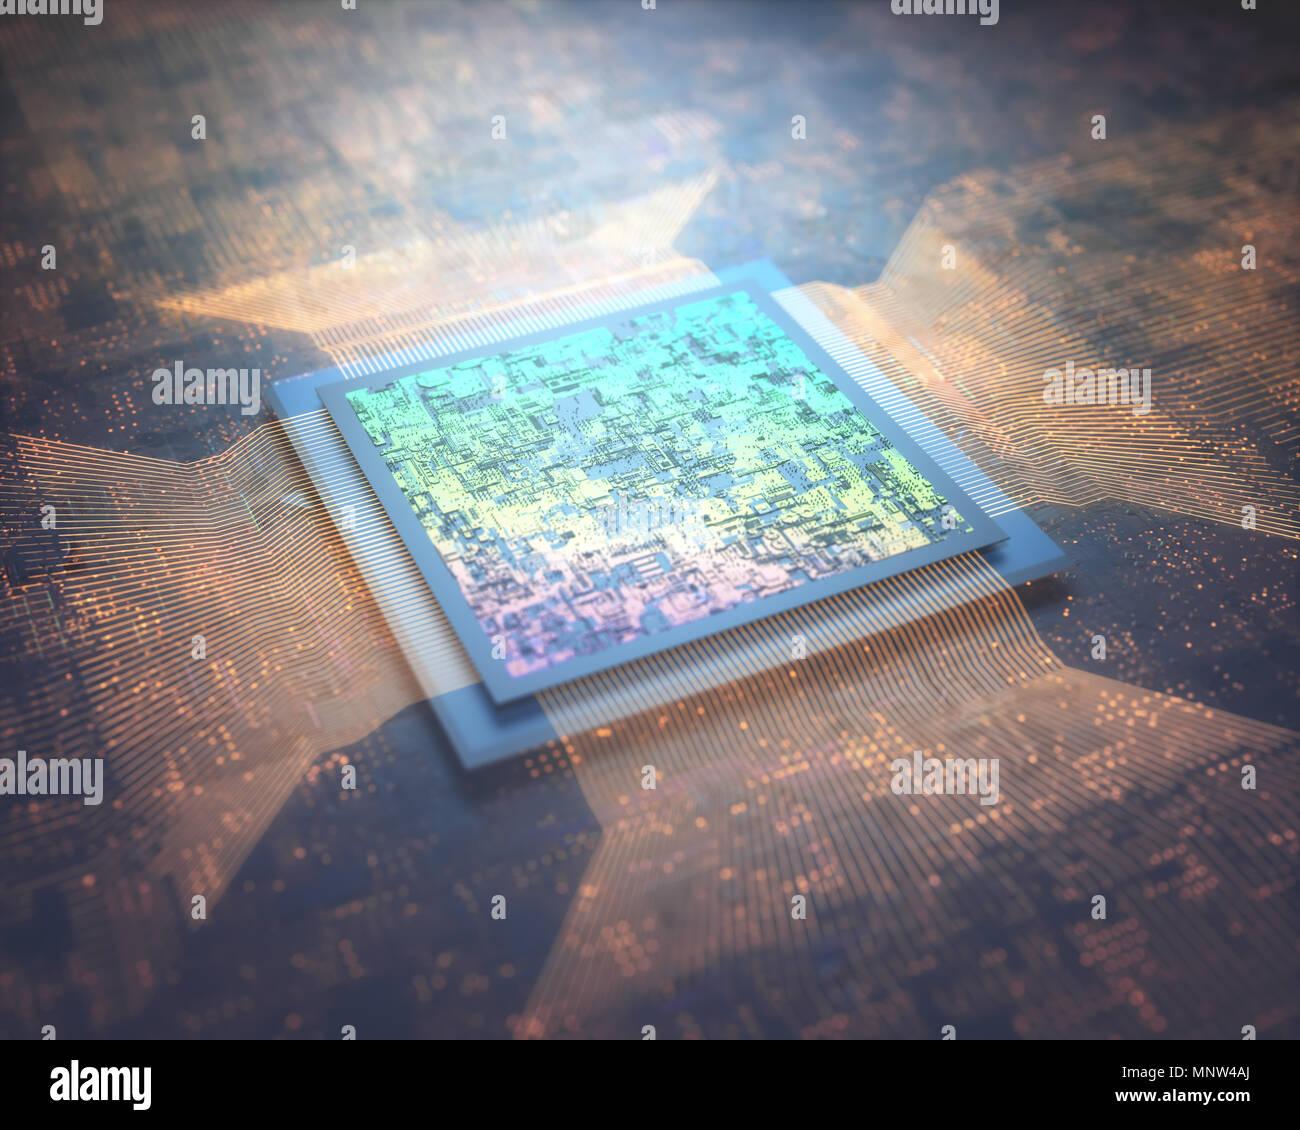 Mikroprozessor, microchip Verbindung zur Leiterplatte. Abstraktes Bild, Makro- und Nanotechnologie. Stockbild